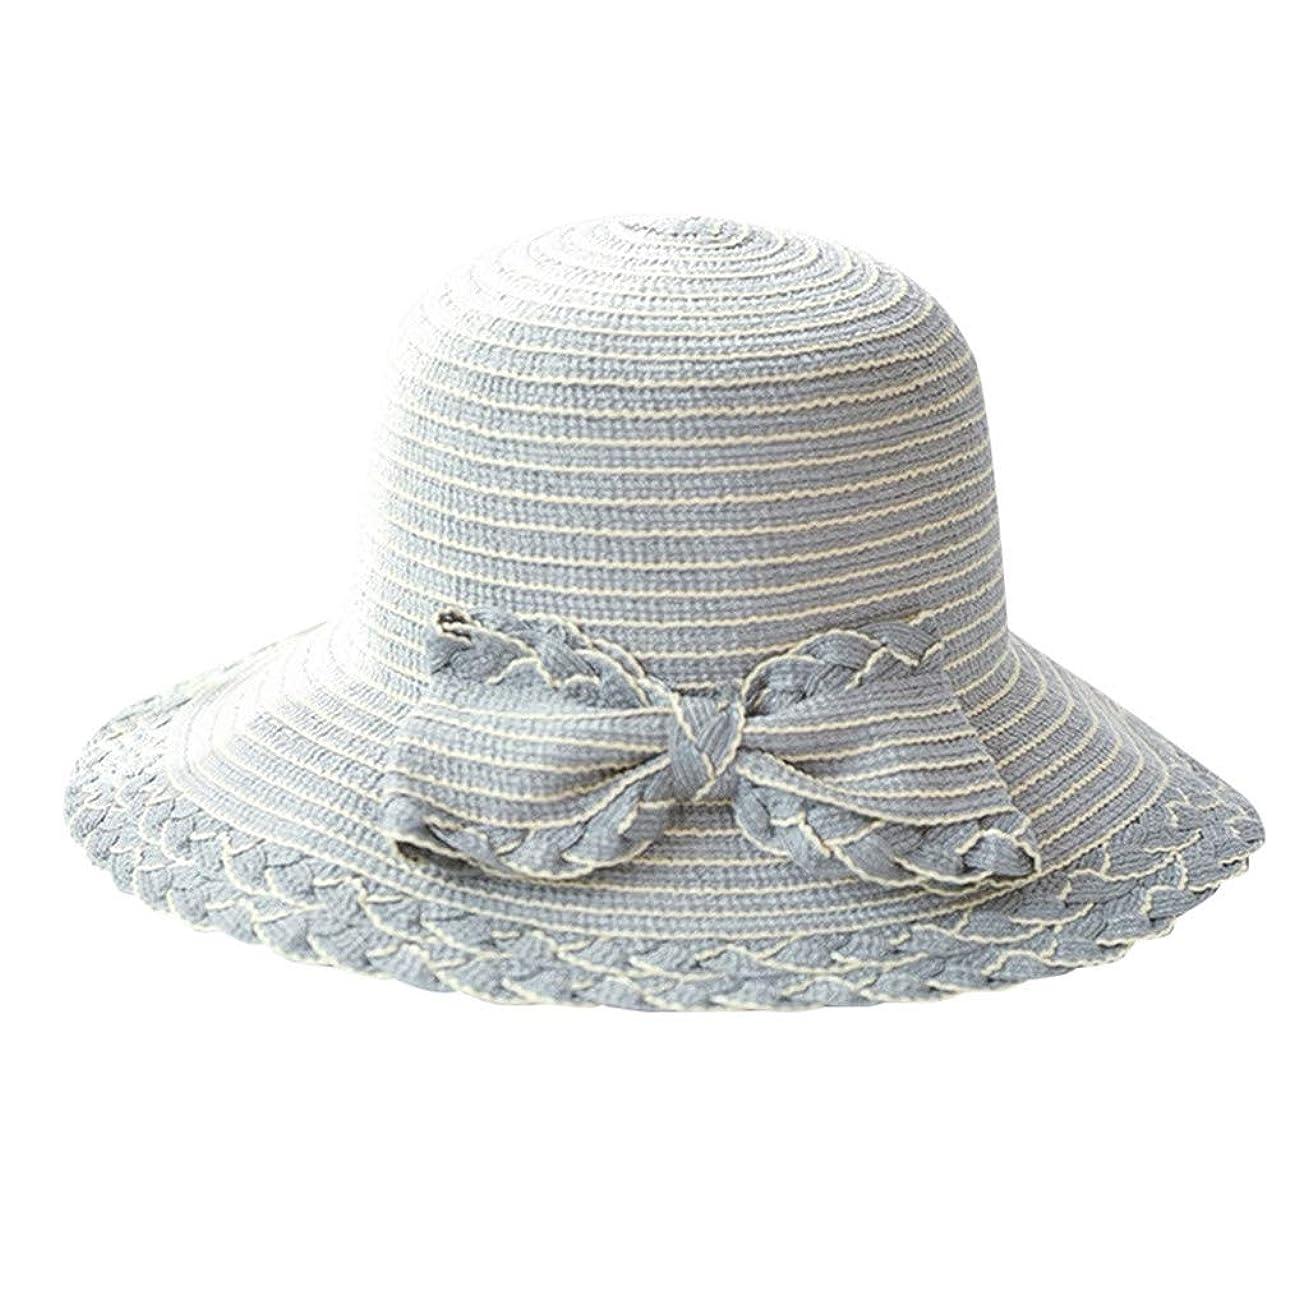 ディレイ病的間違いなく夏 帽子 レディース UVカット 帽子 ハット レディース 日よけ 夏季 女優帽 日よけ 日焼け 折りたたみ 持ち運び つば広 吸汗通気 ハット レディース 紫外線対策 小顔効果 ワイヤー入る ハット ROSE ROMAN